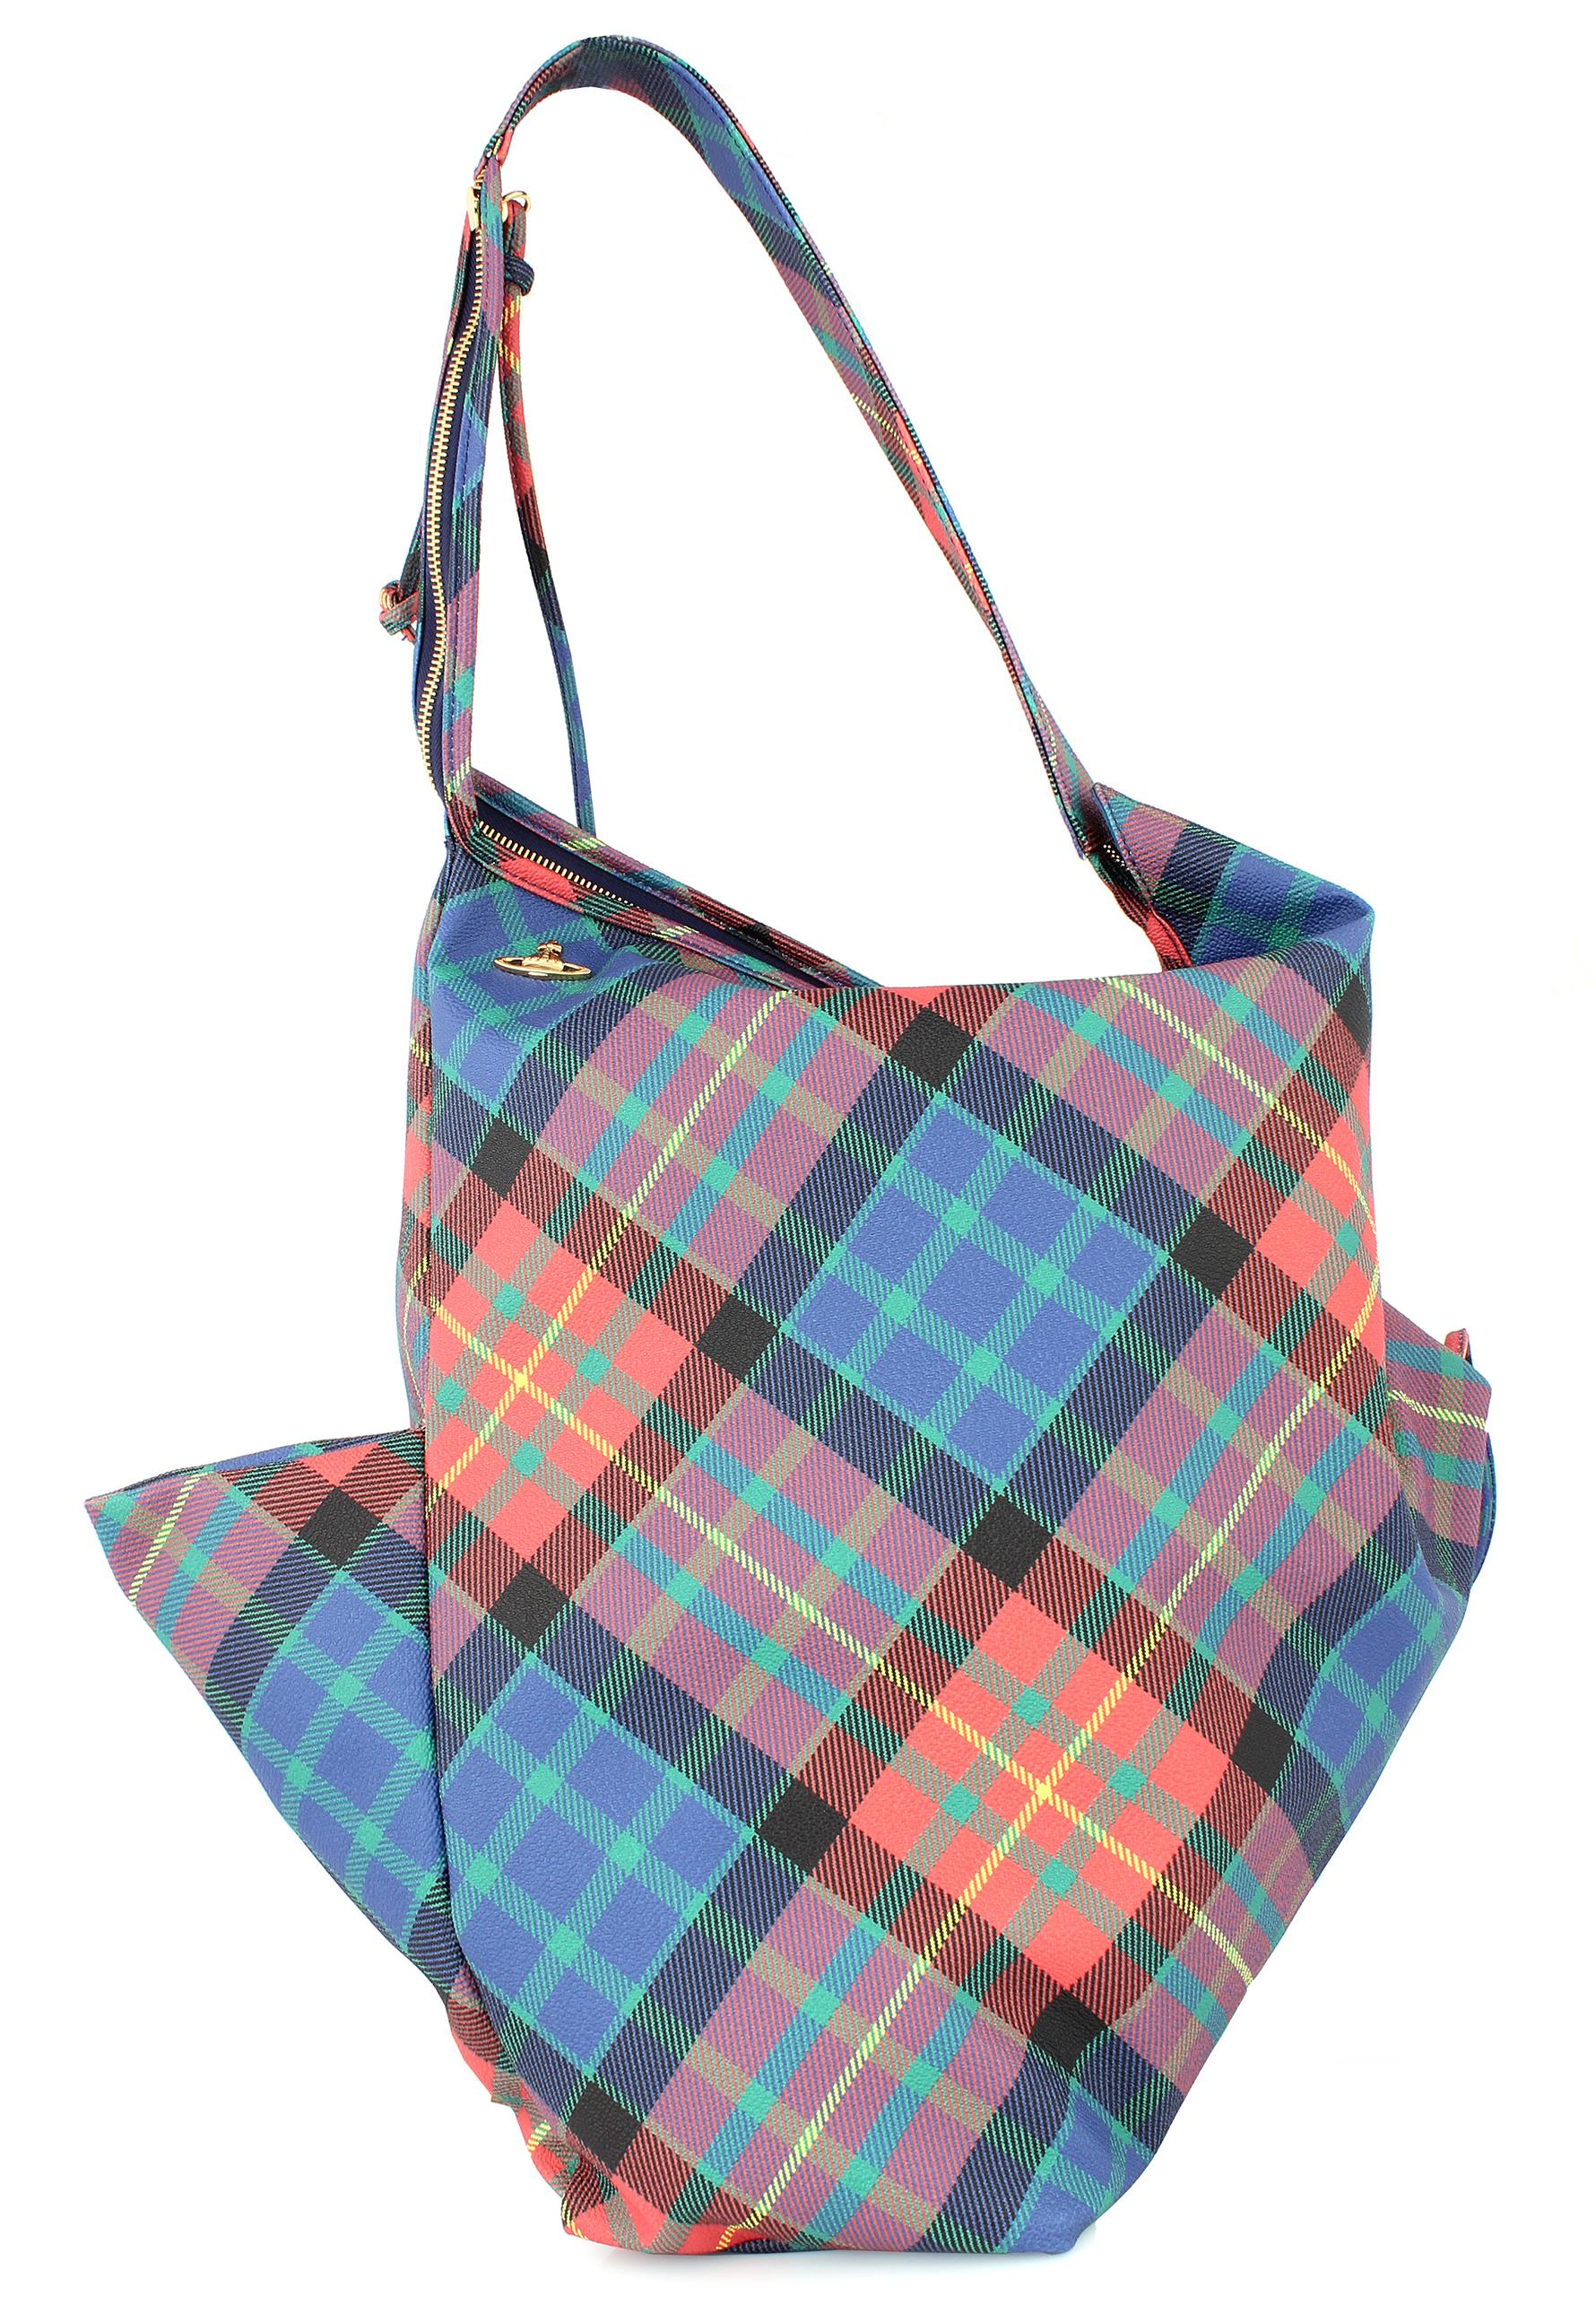 19ce017730 Lyst - Vivienne Westwood Derby 7112 Vivienne's Bag Mac Charles in Blue